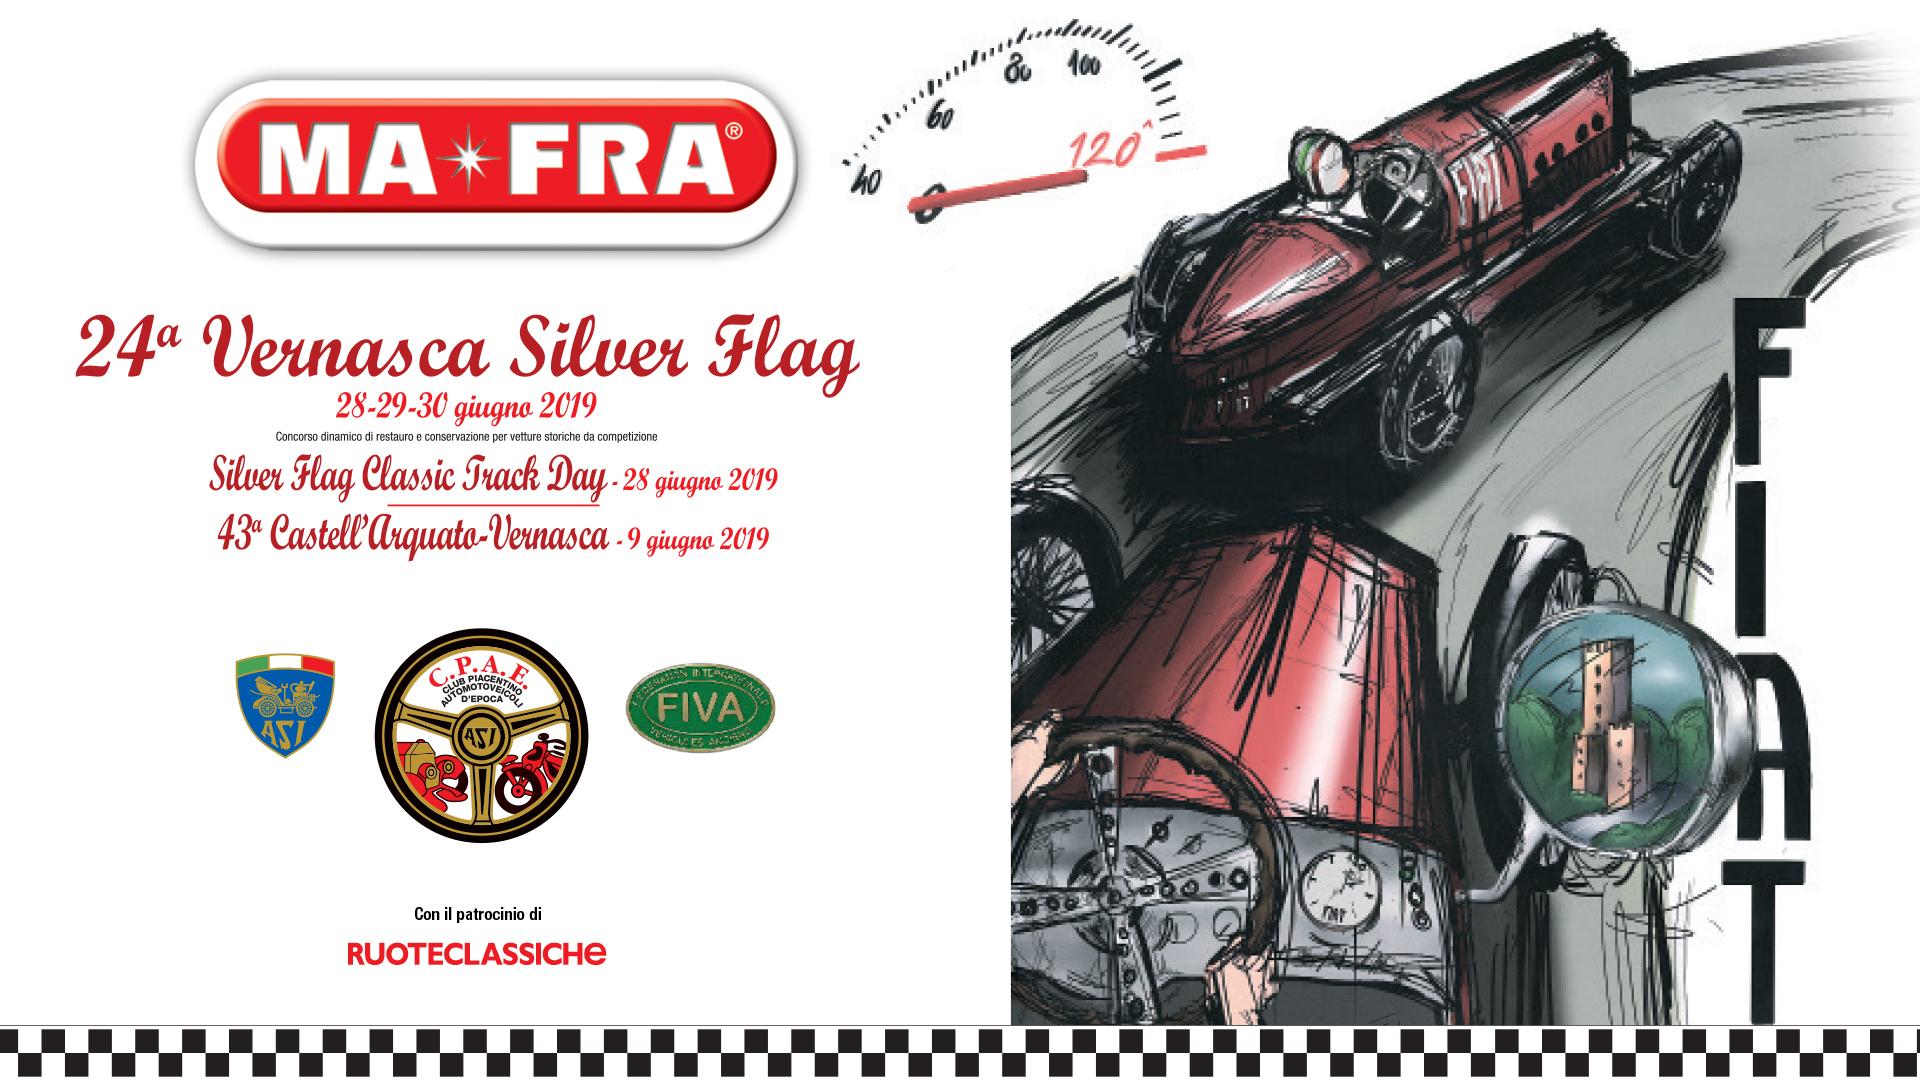 Mafra Sponsor Tecnico della 24 edizione della Vernasca Silver Flag